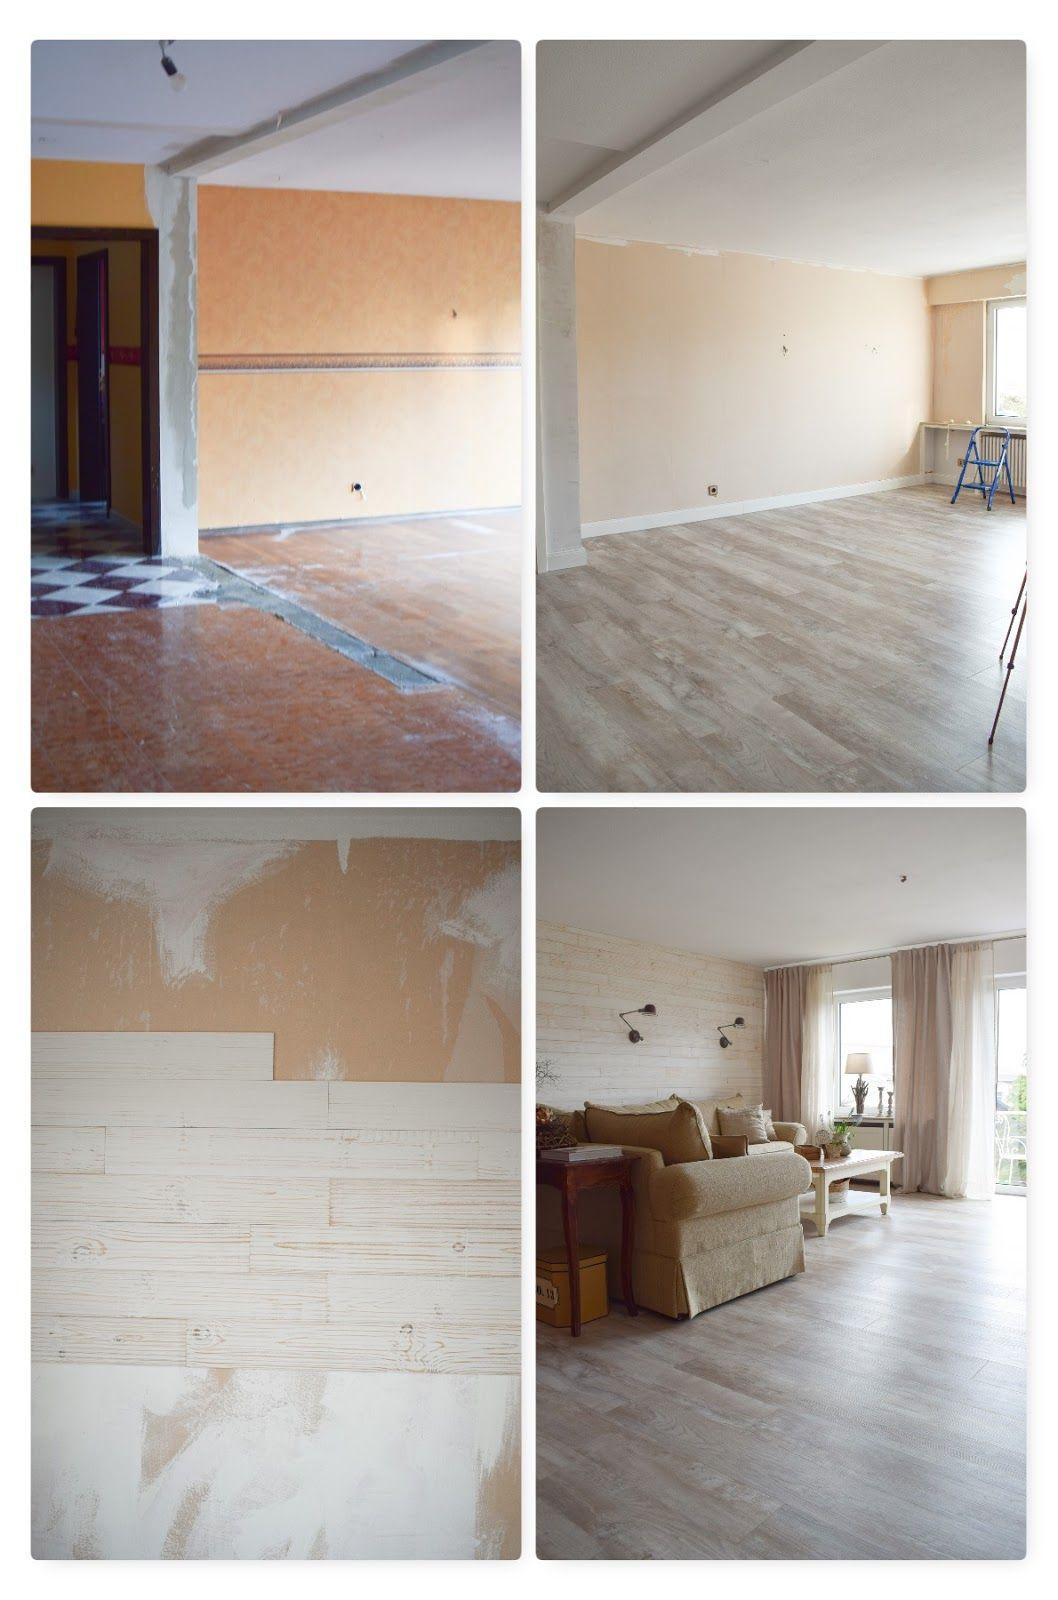 Renovierung Wohnzimmer Vorher Nachher. Holzverkleidung für ...